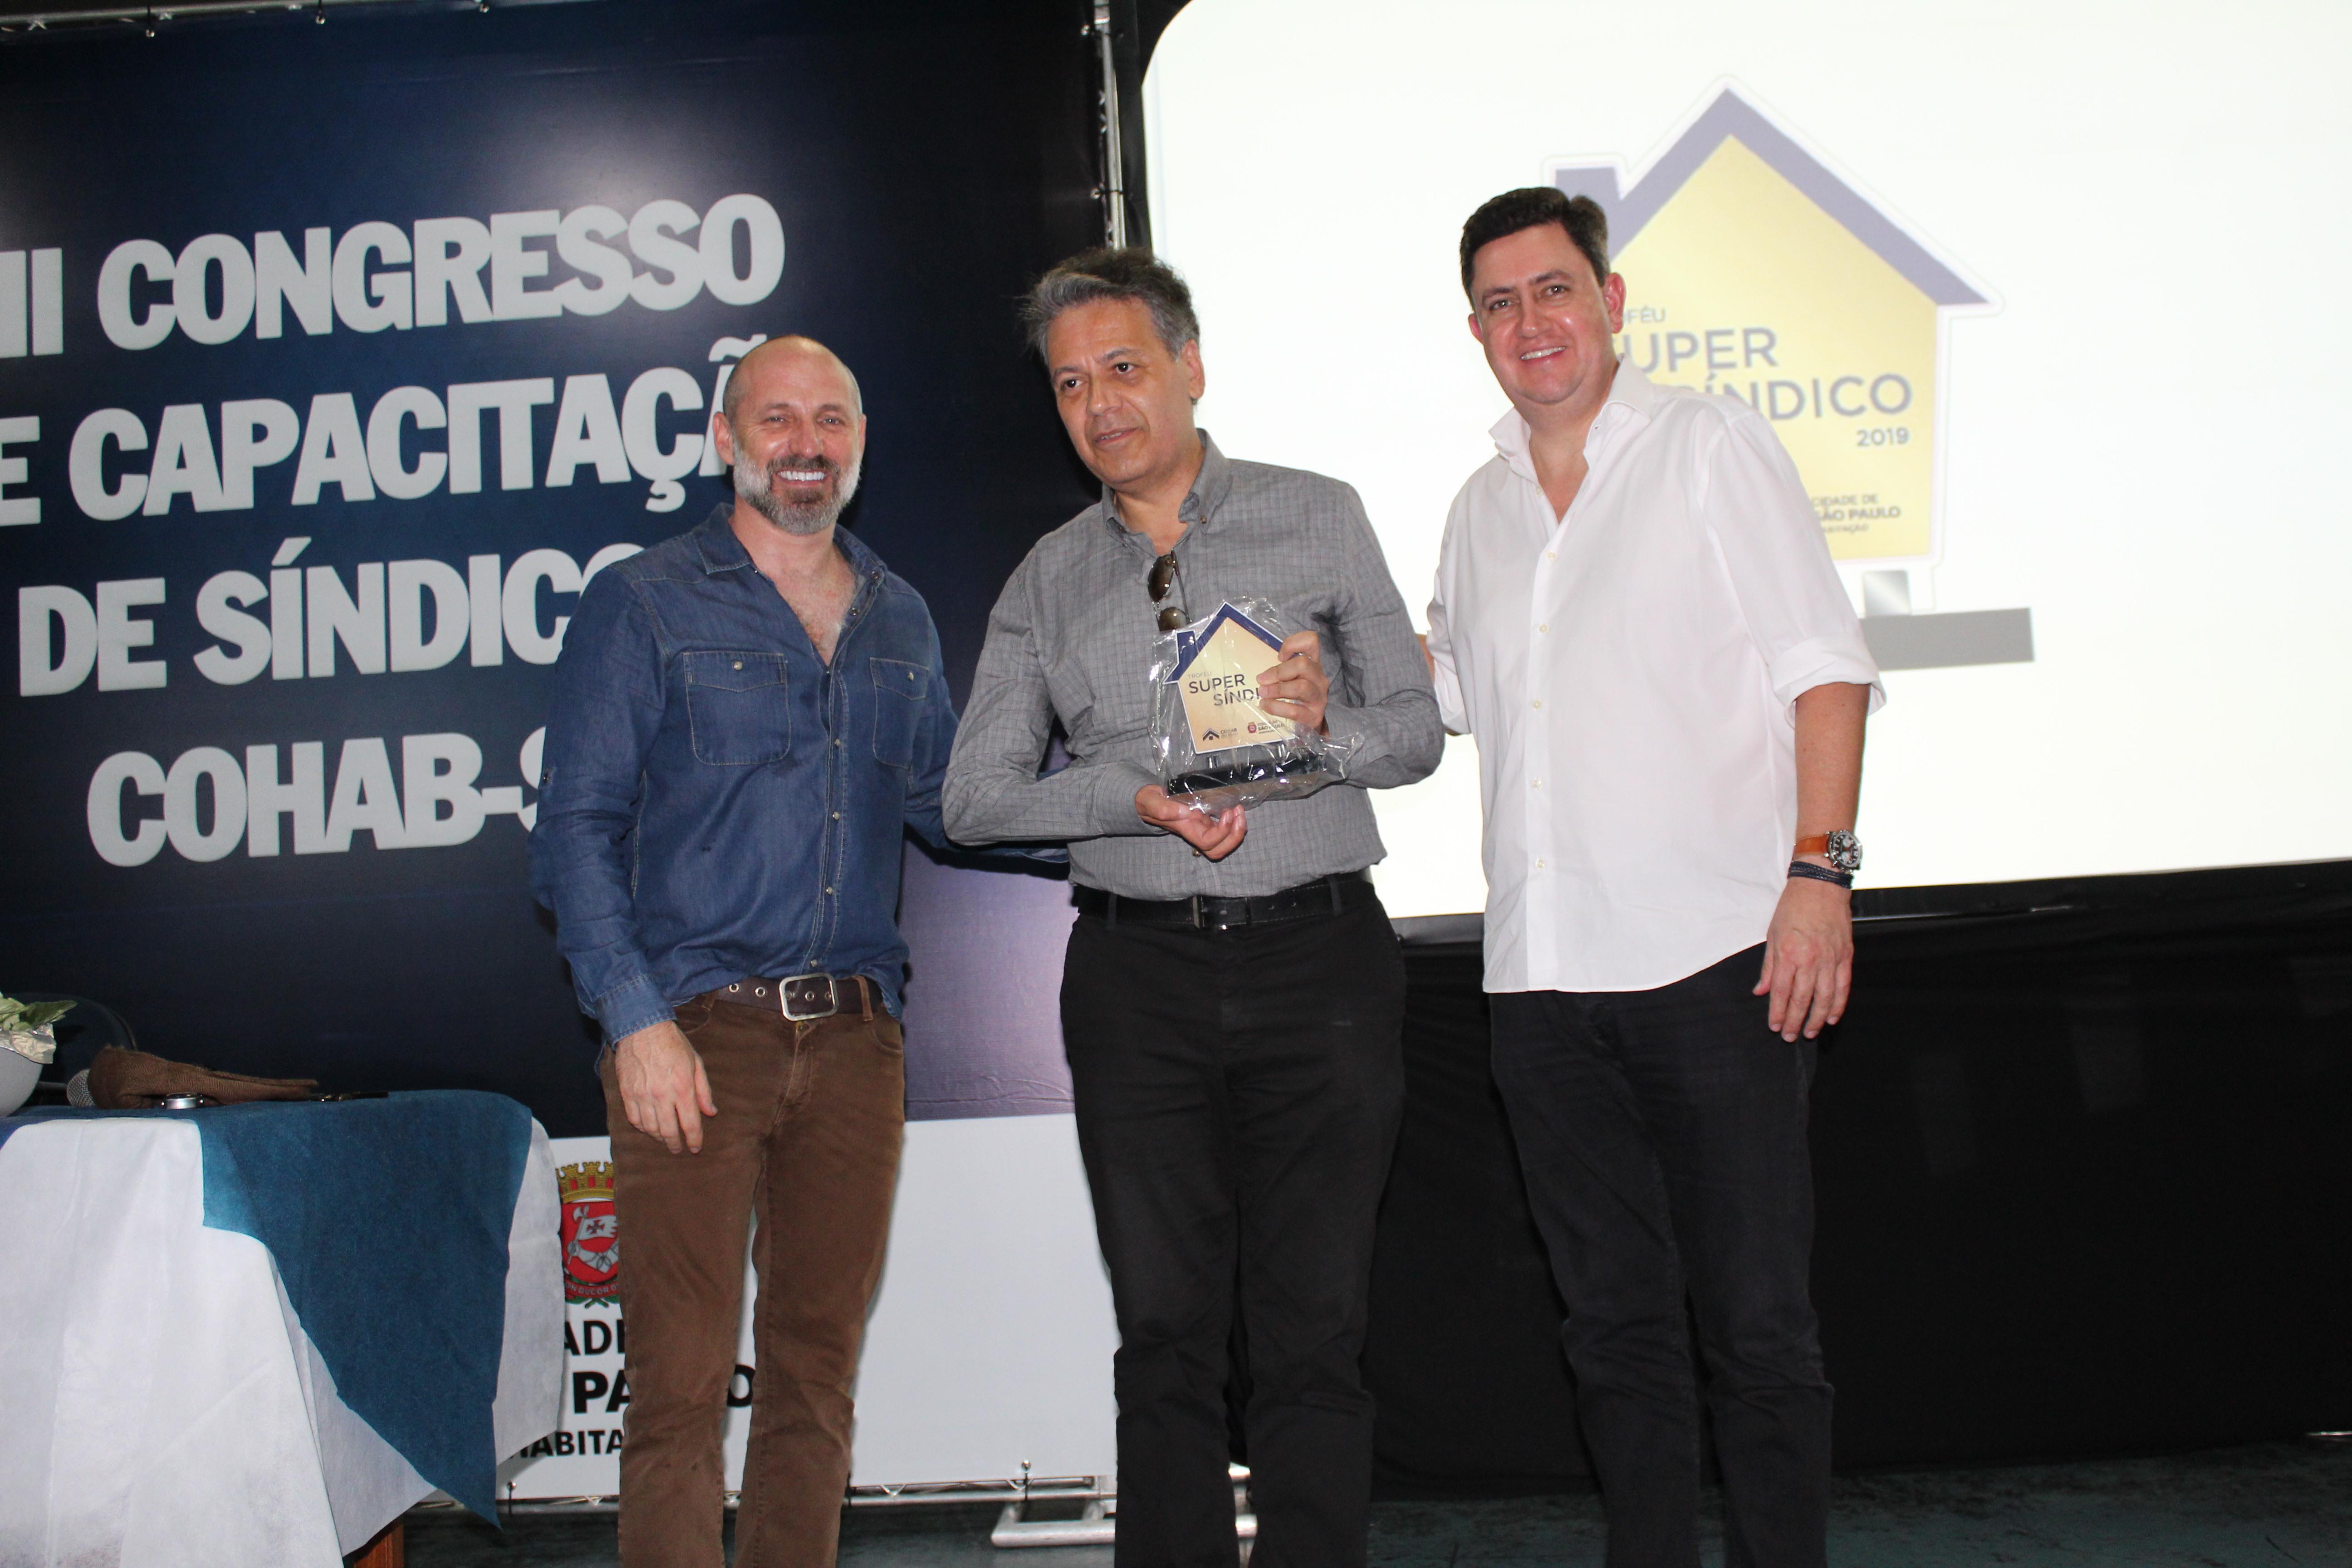 Na foto, da esquerda pra direta está Marcio Rachkorsky, no meio com o troféu o sindico João José Flores Alvarenga e ao lado dele está o presidente da Cohab Alex Peixe.